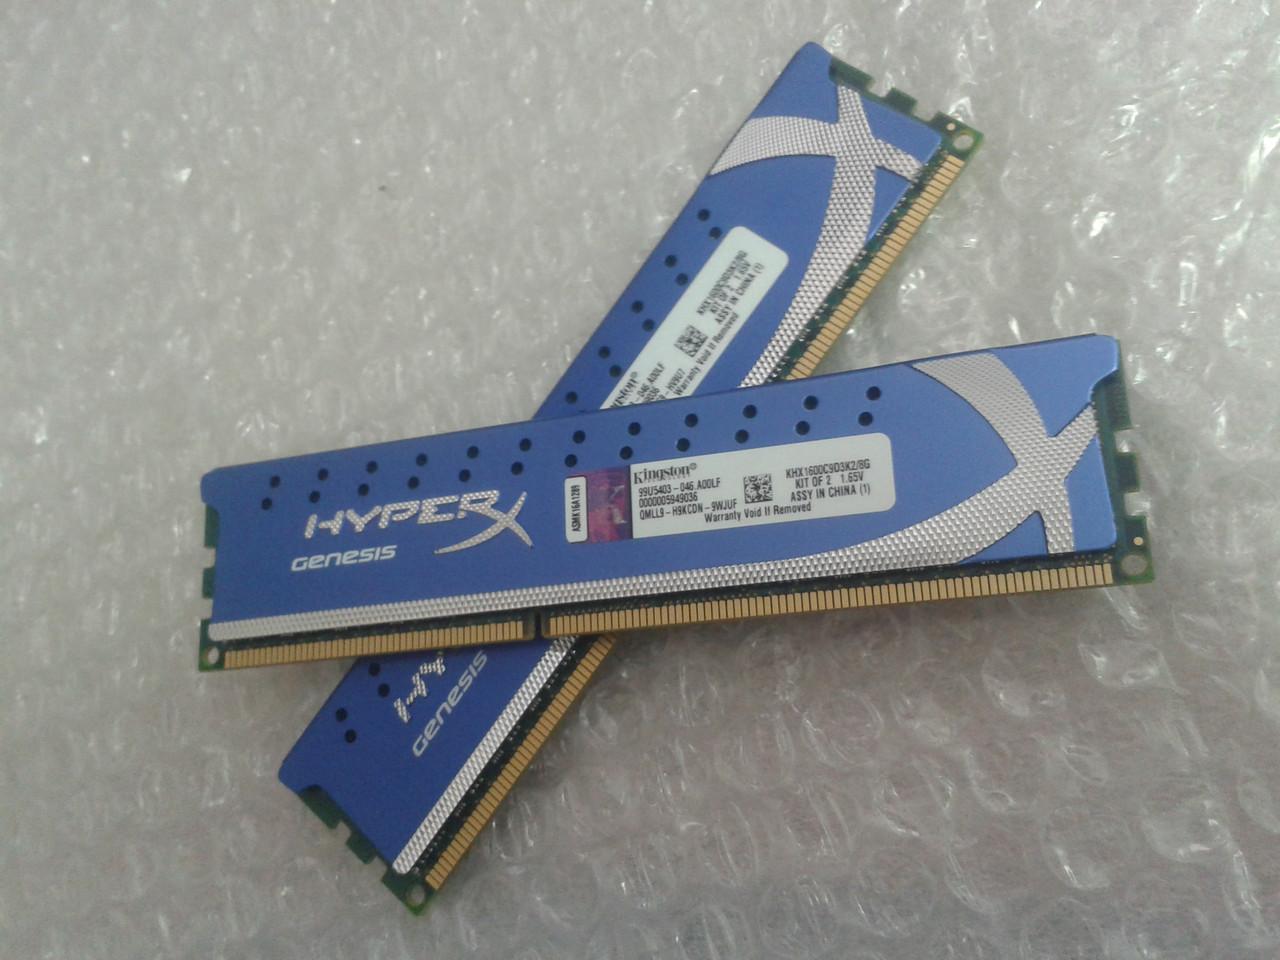 Модуль памяти Kingston HyperX, 8GB DDR3 1600MHz, KHX1600C9D3K2/8G, (2*4Gb), для ПК